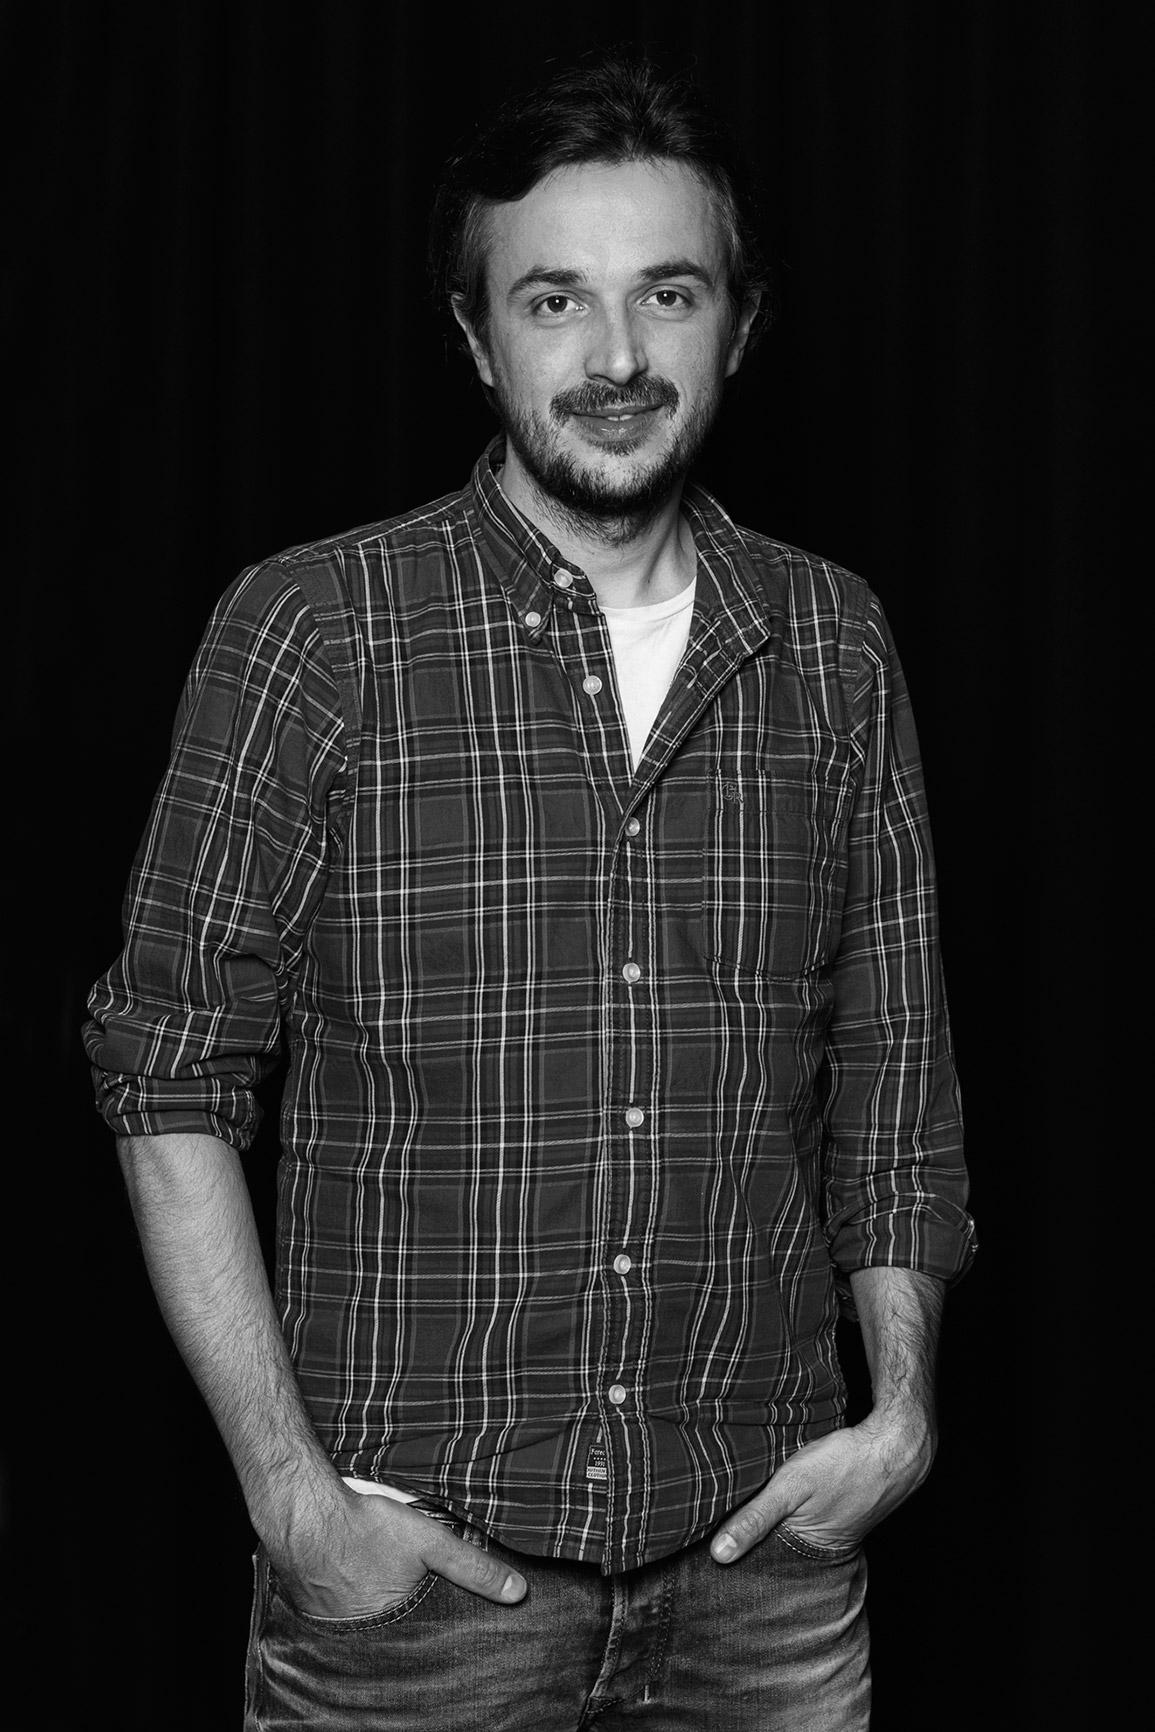 Jordi Buxó